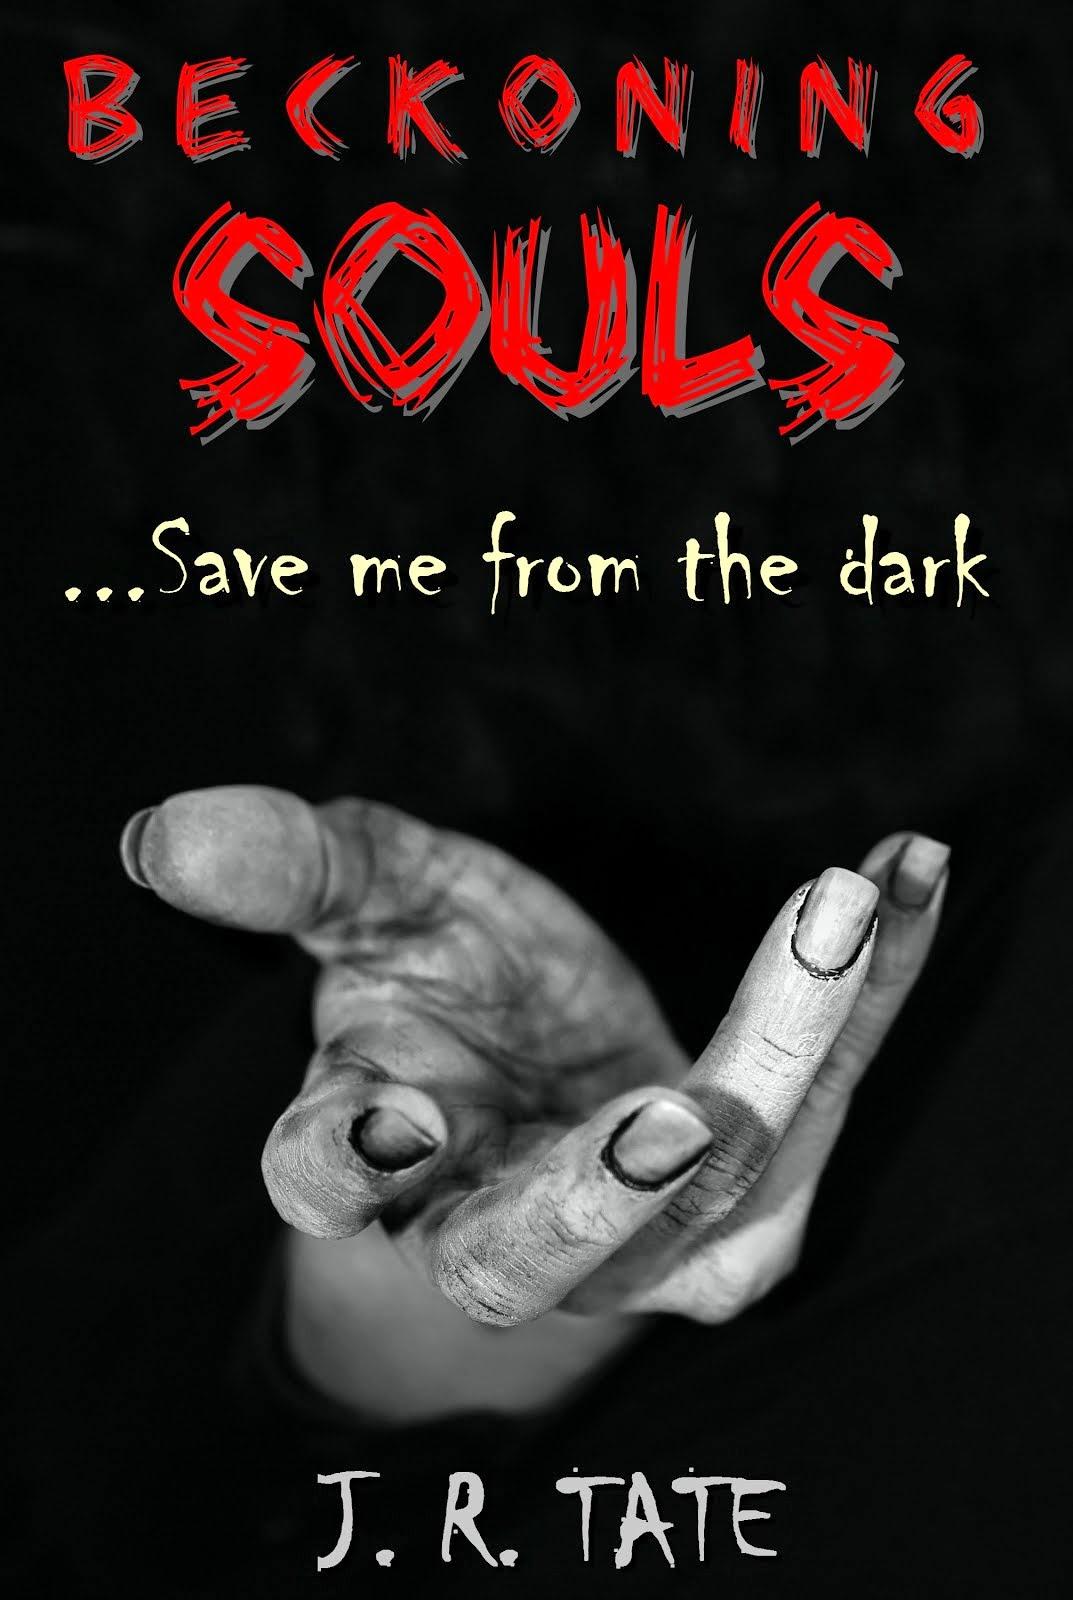 Beckoning Souls